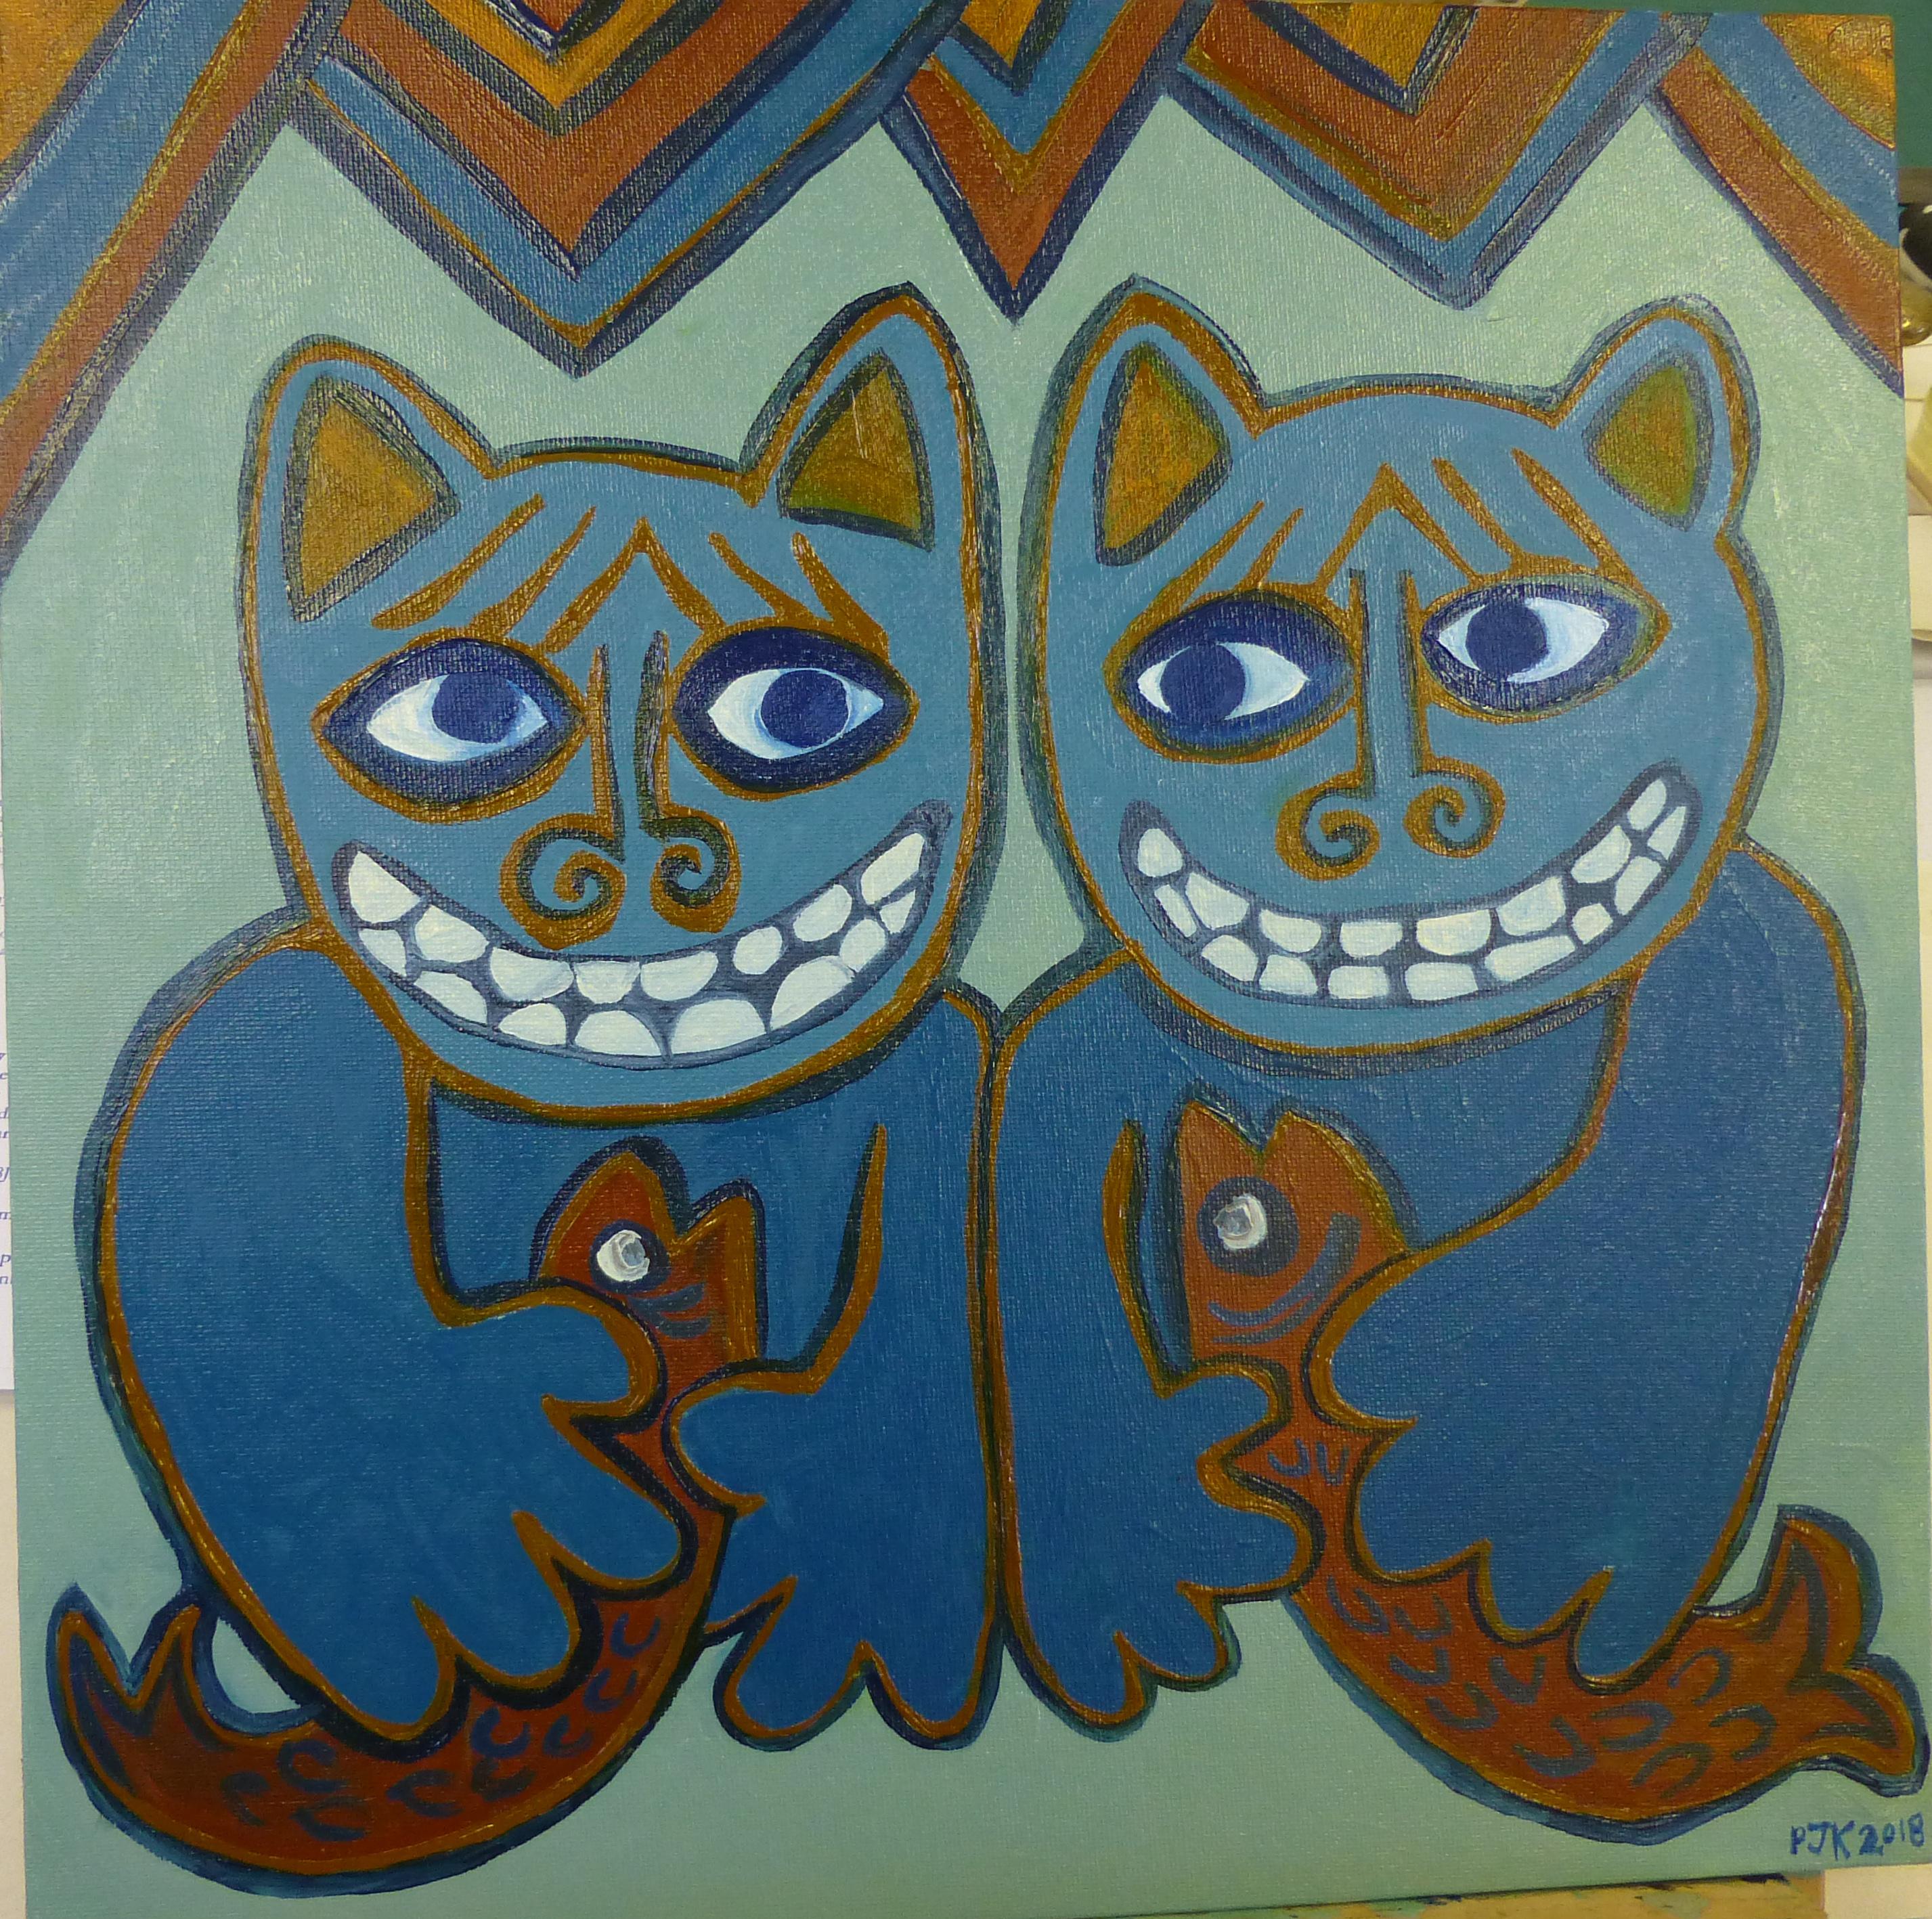 stillingfleet cats